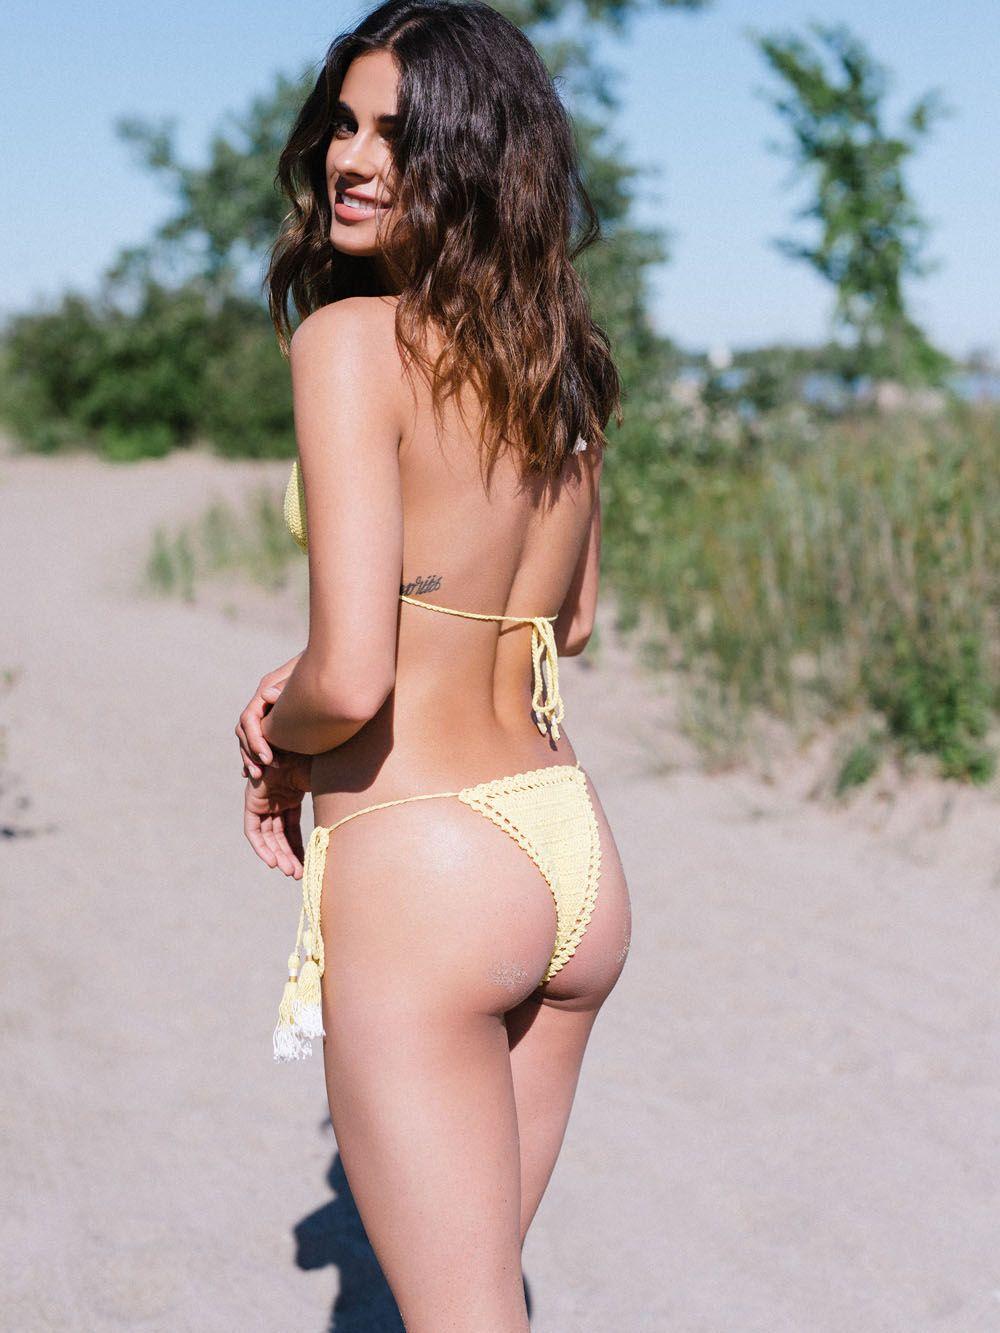 Dajana-Rads-Sexy-7